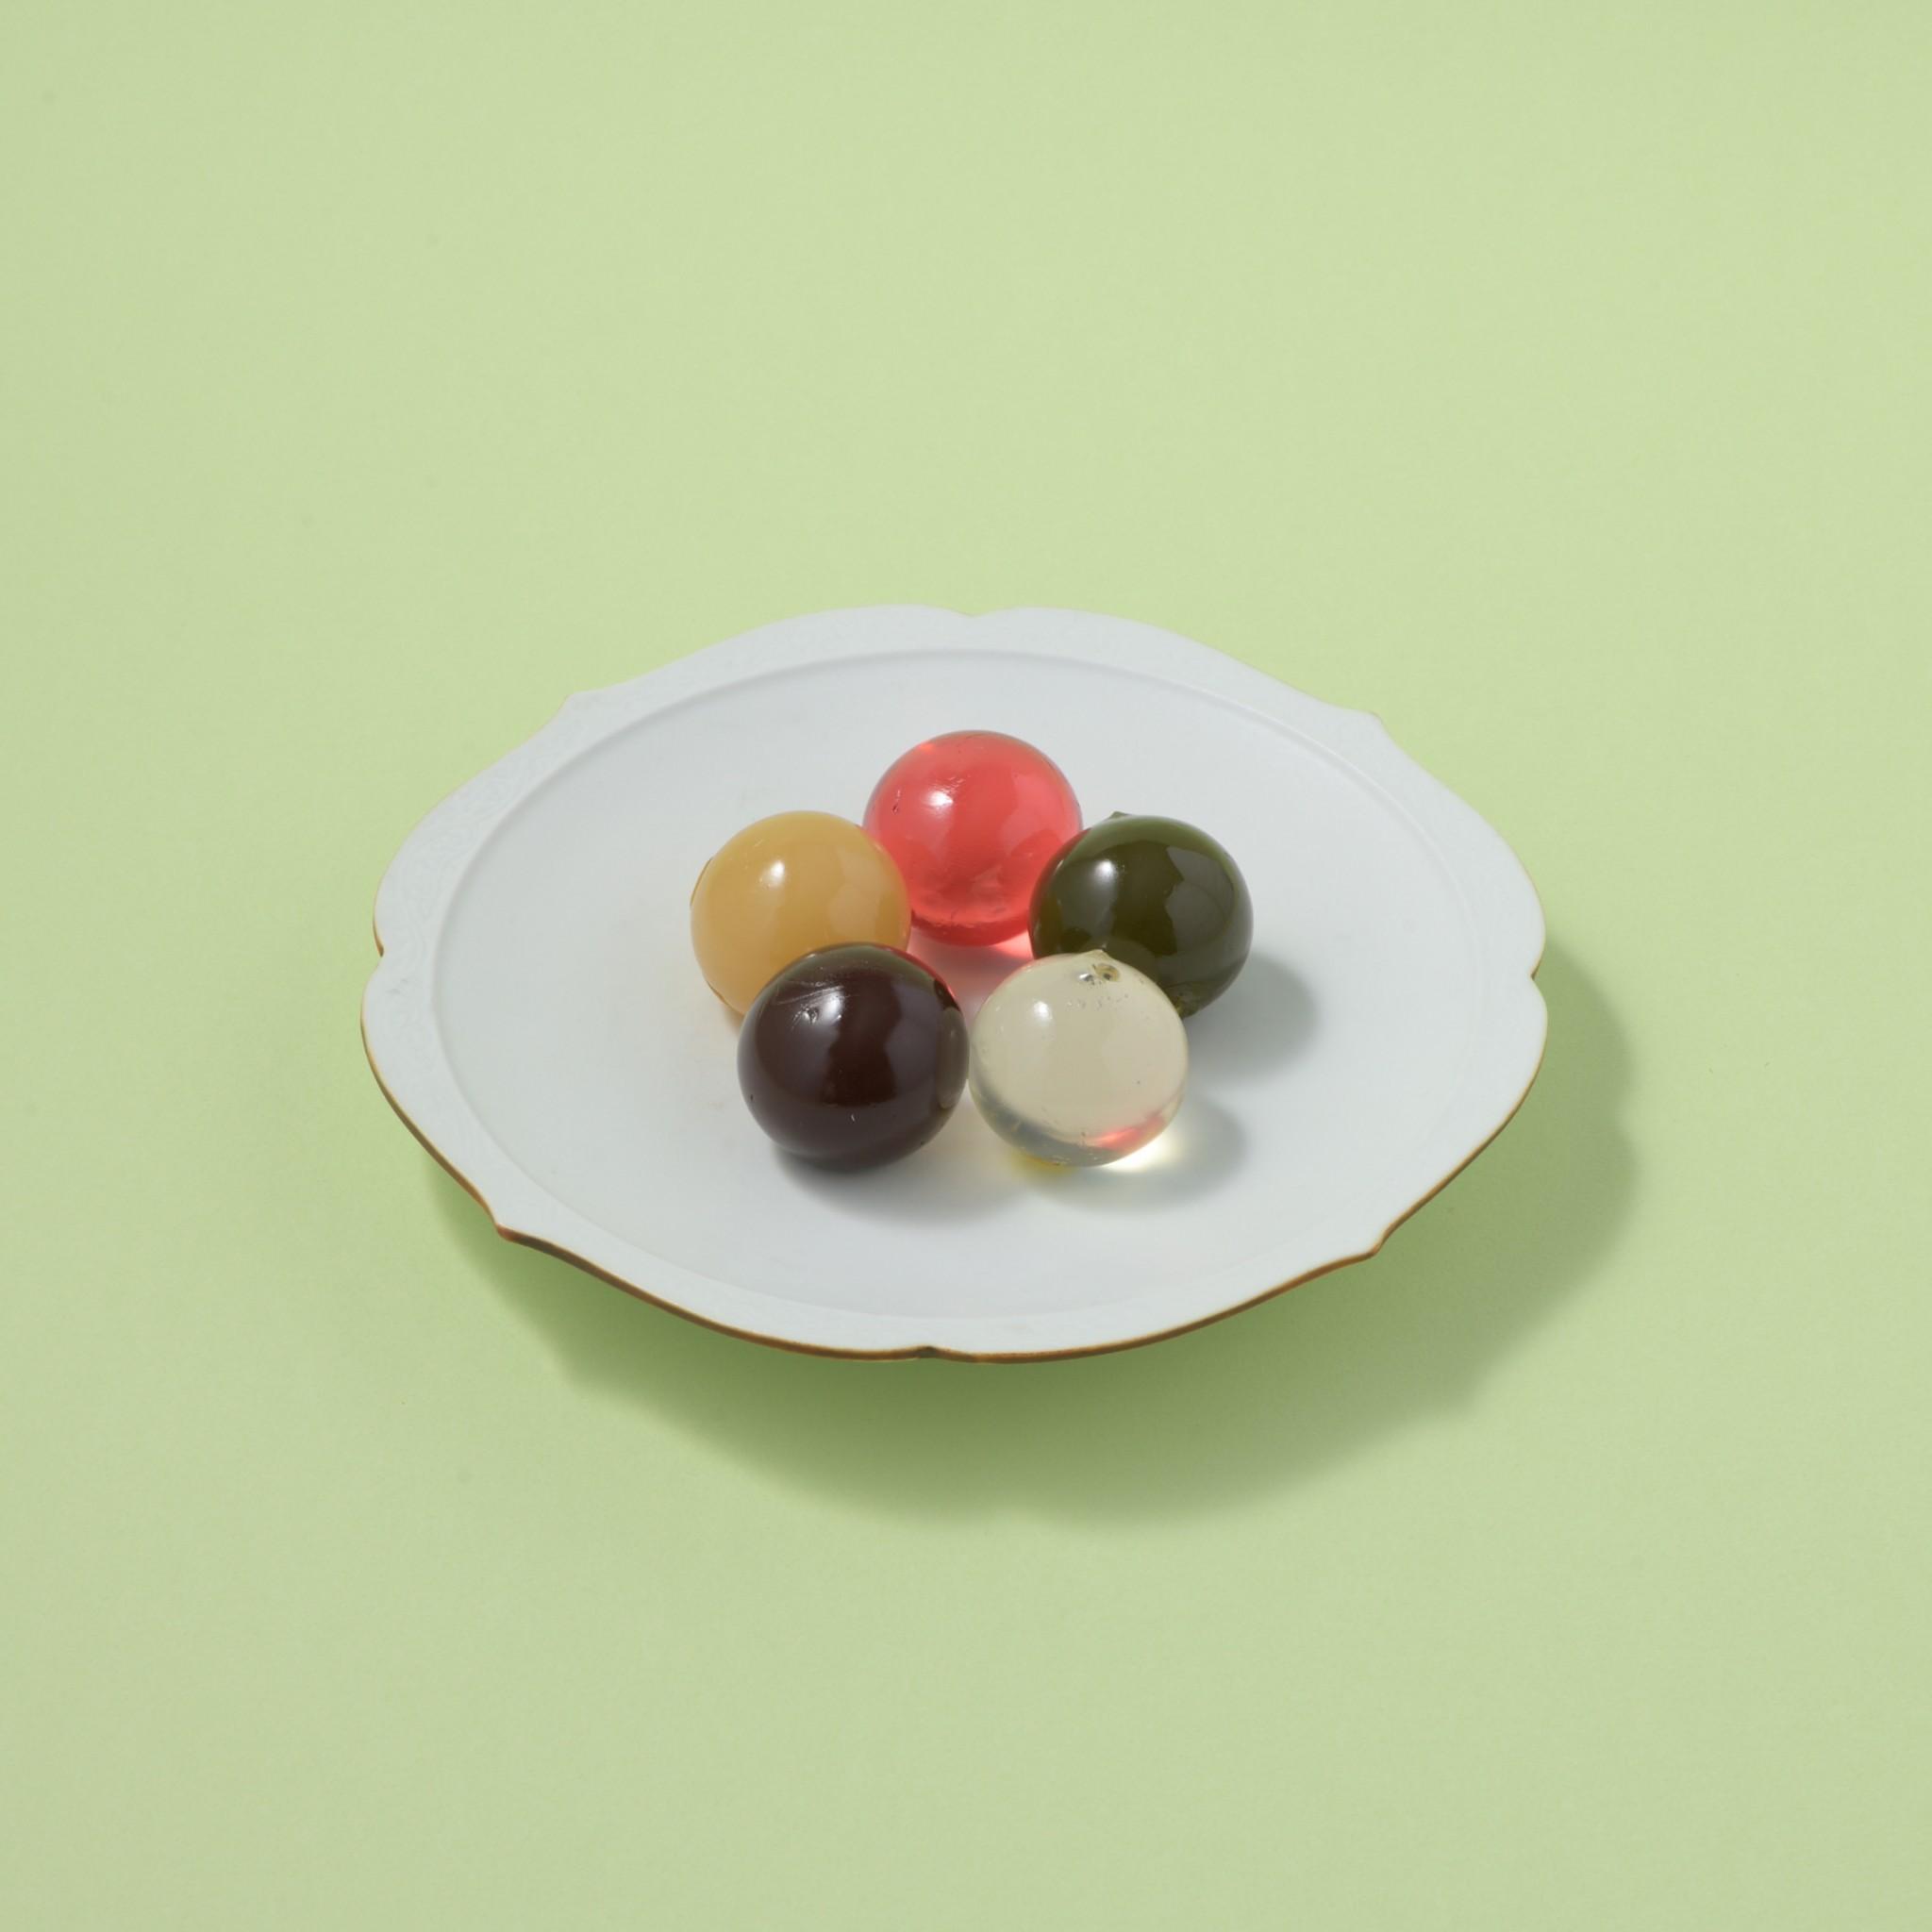 夏の手土産「進化系羊羹」4選。冷やして食べれば、美味しさ倍増!